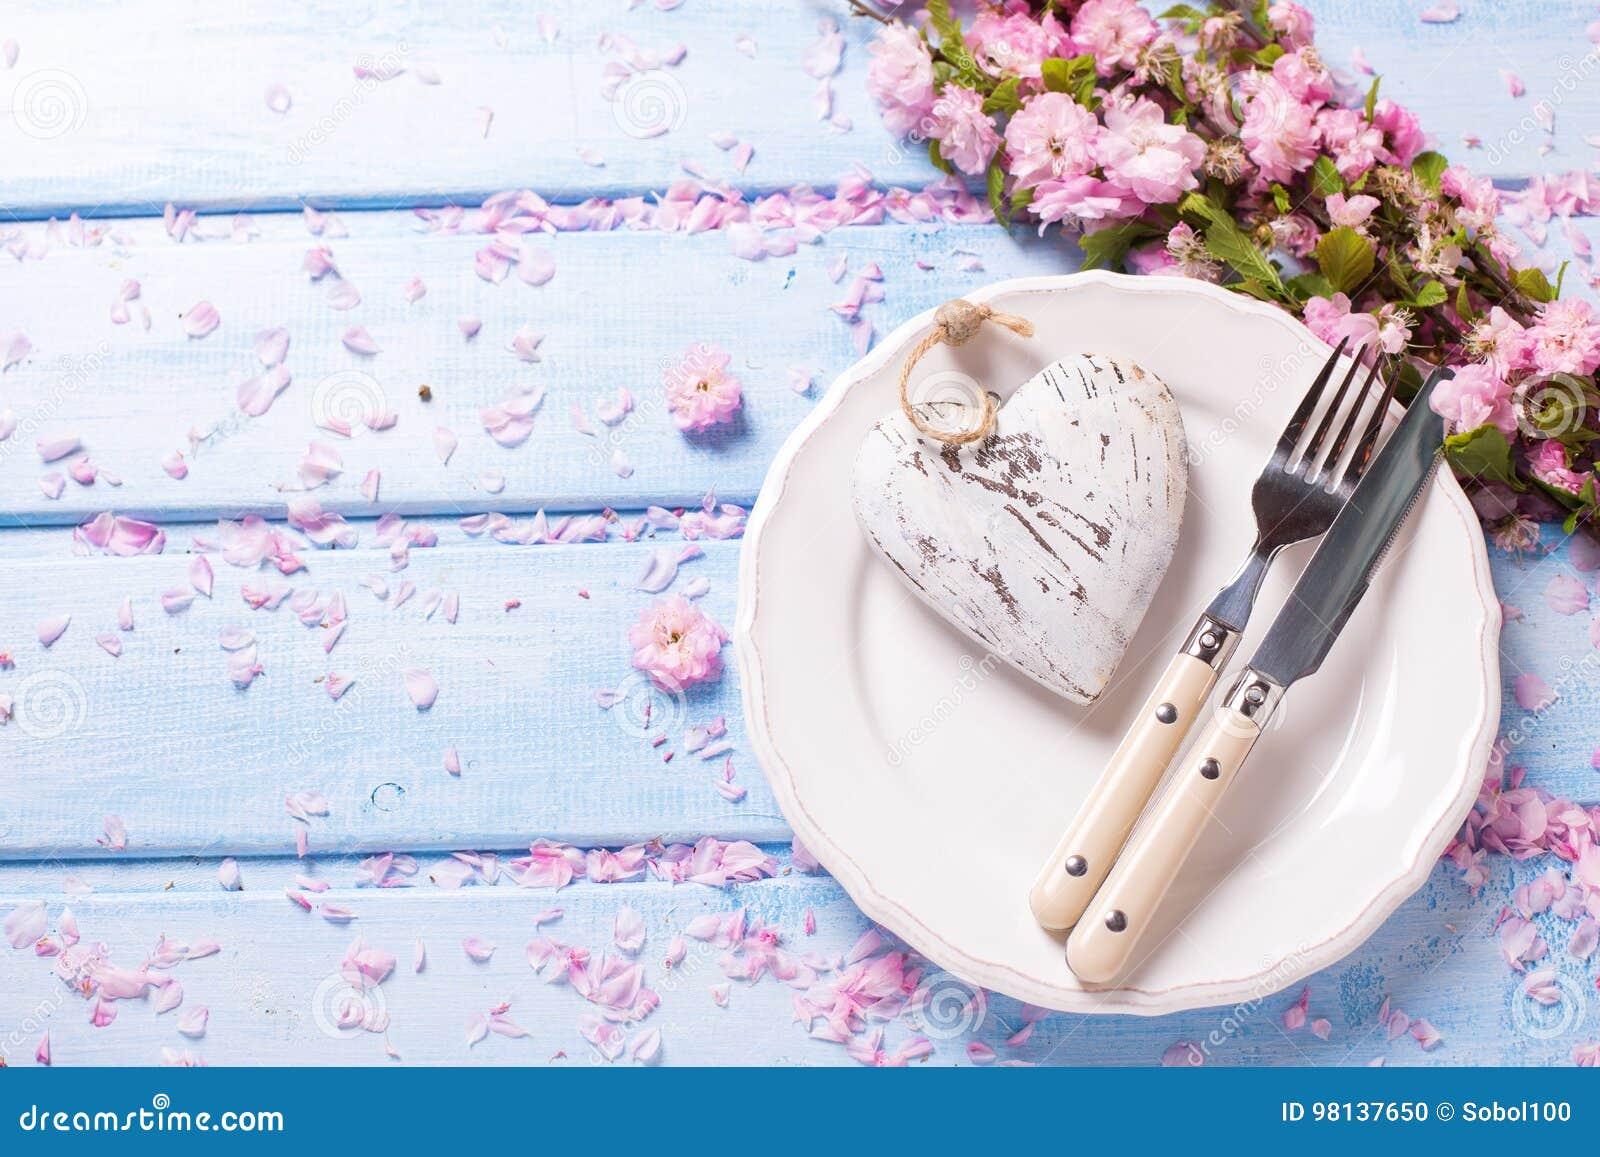 Rosa Blumen Herz Messer Und Gabel Auf Weisser Platte Auf Blauem W